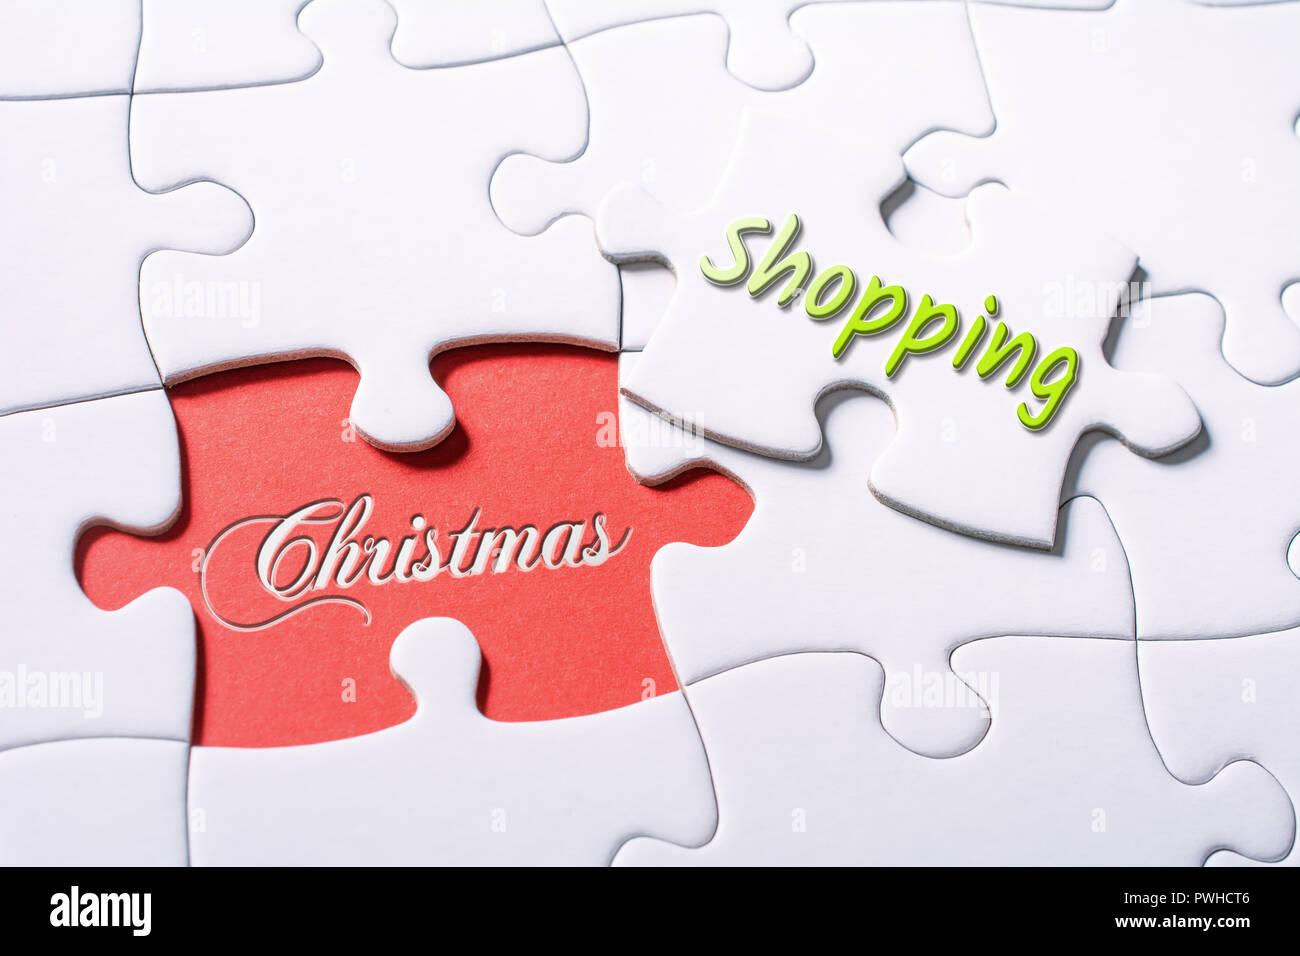 Die Worte, die Weihnachten und Shopping In fehlende Stück Puzzle ...